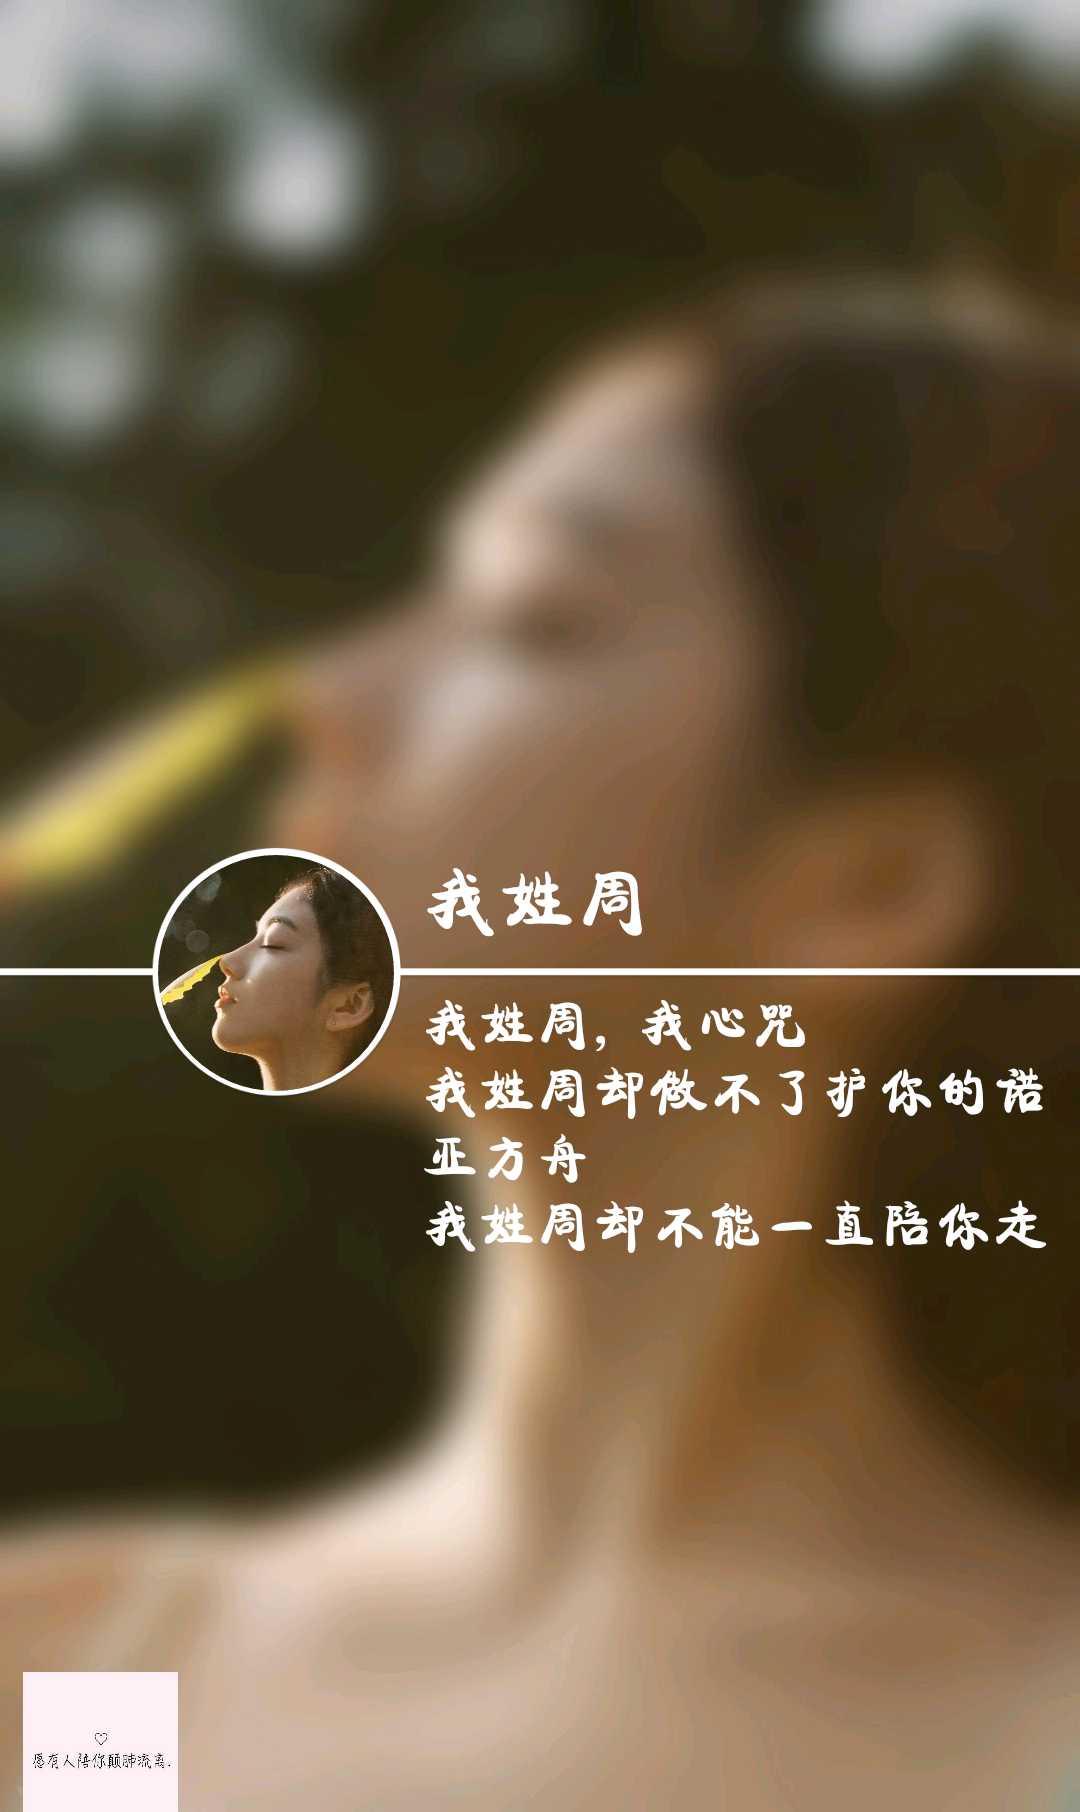 xianyou_20170720_132129.jpg.jpg